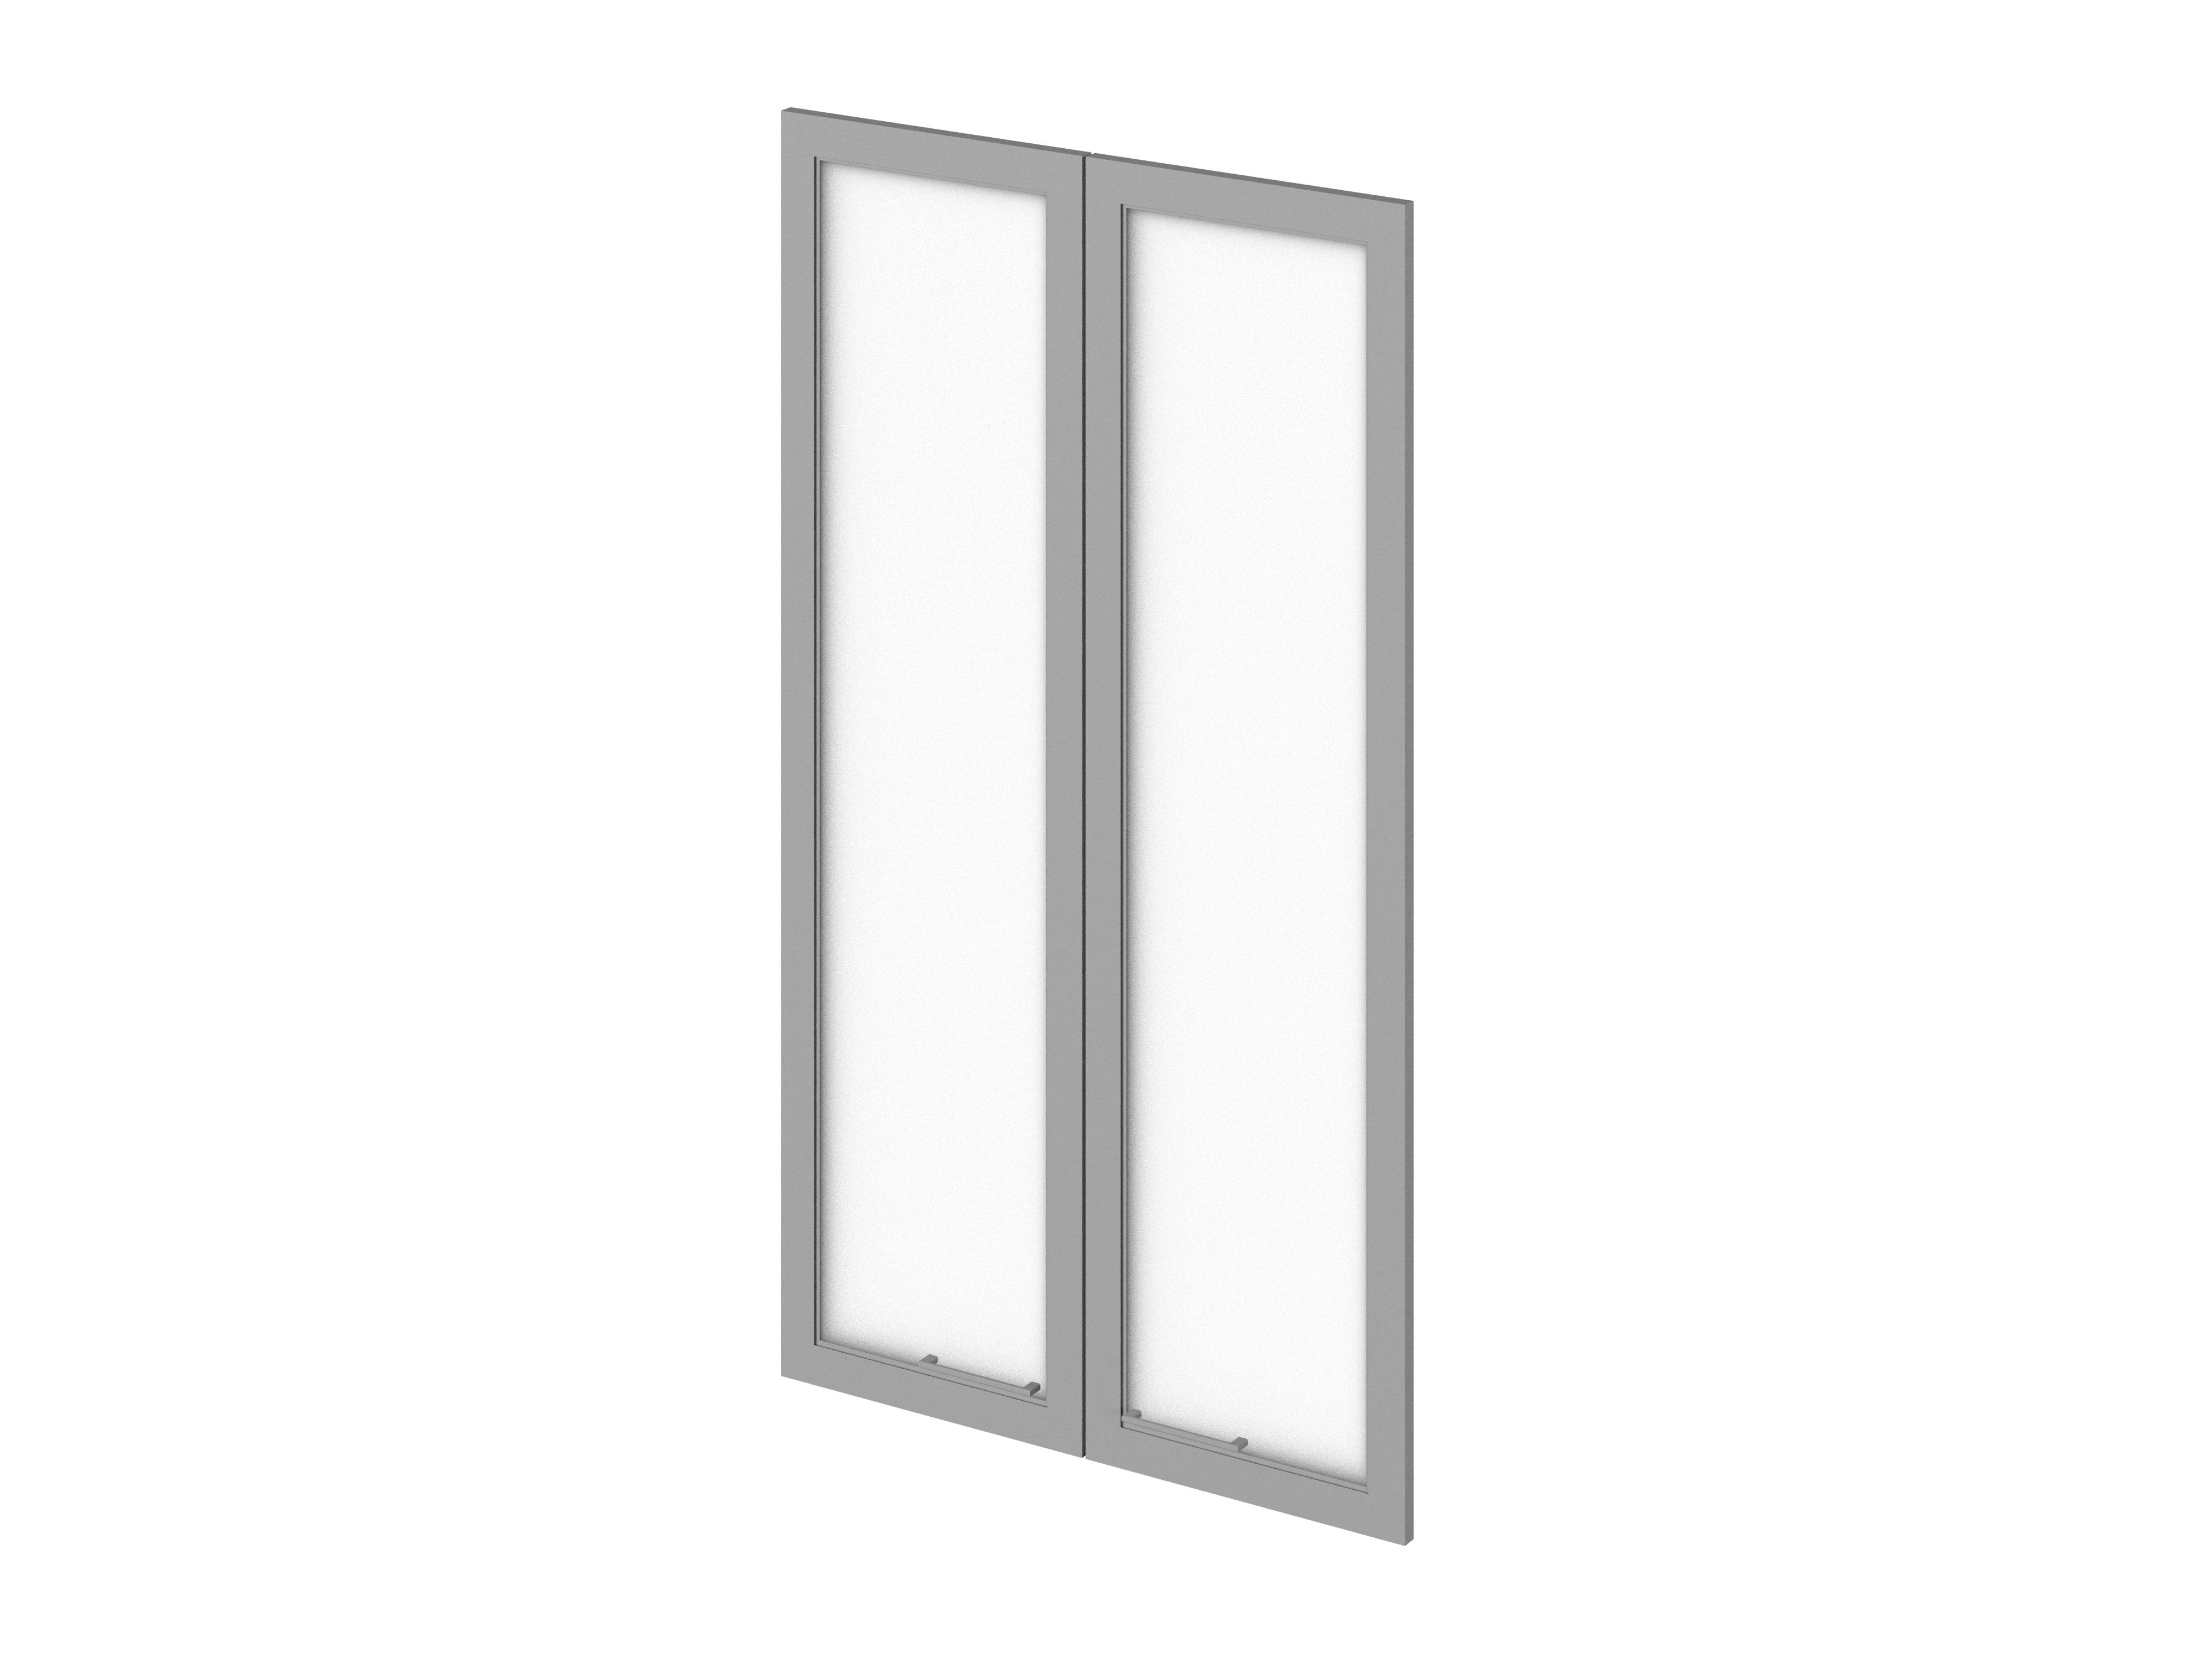 Двери средние стеклянные в профиле МДФ Р-023